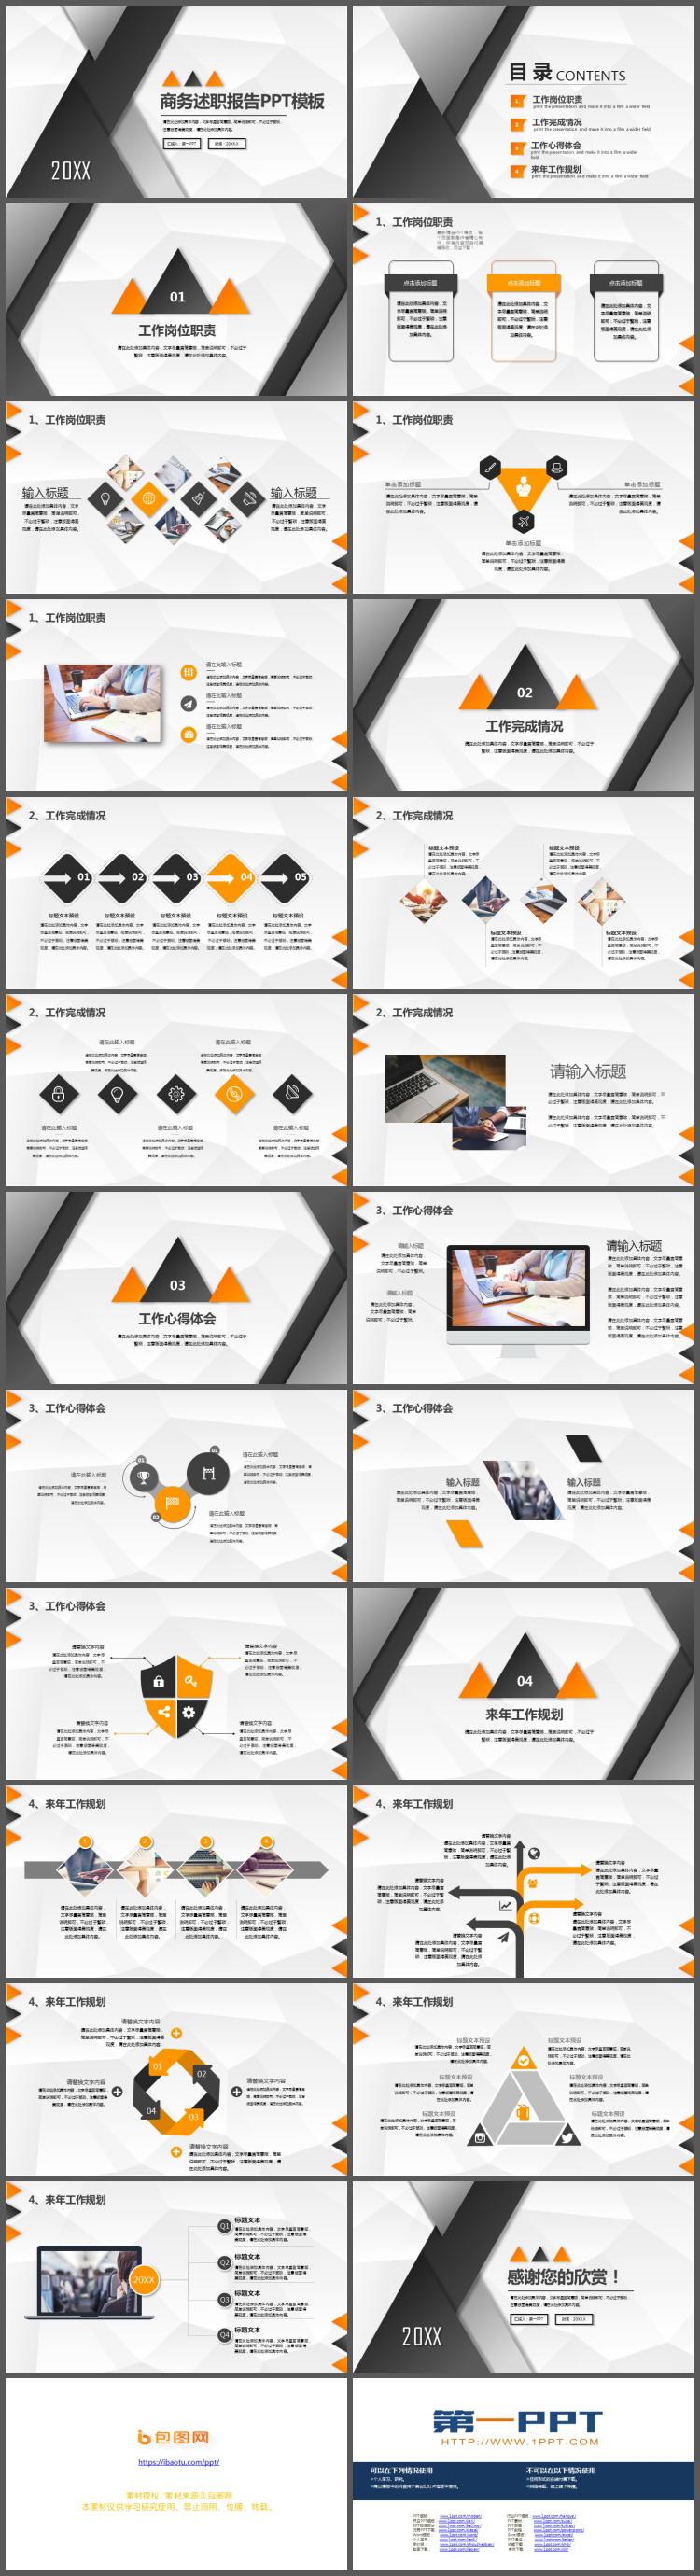 黑色三角形背景的商务述职报告PPT模板